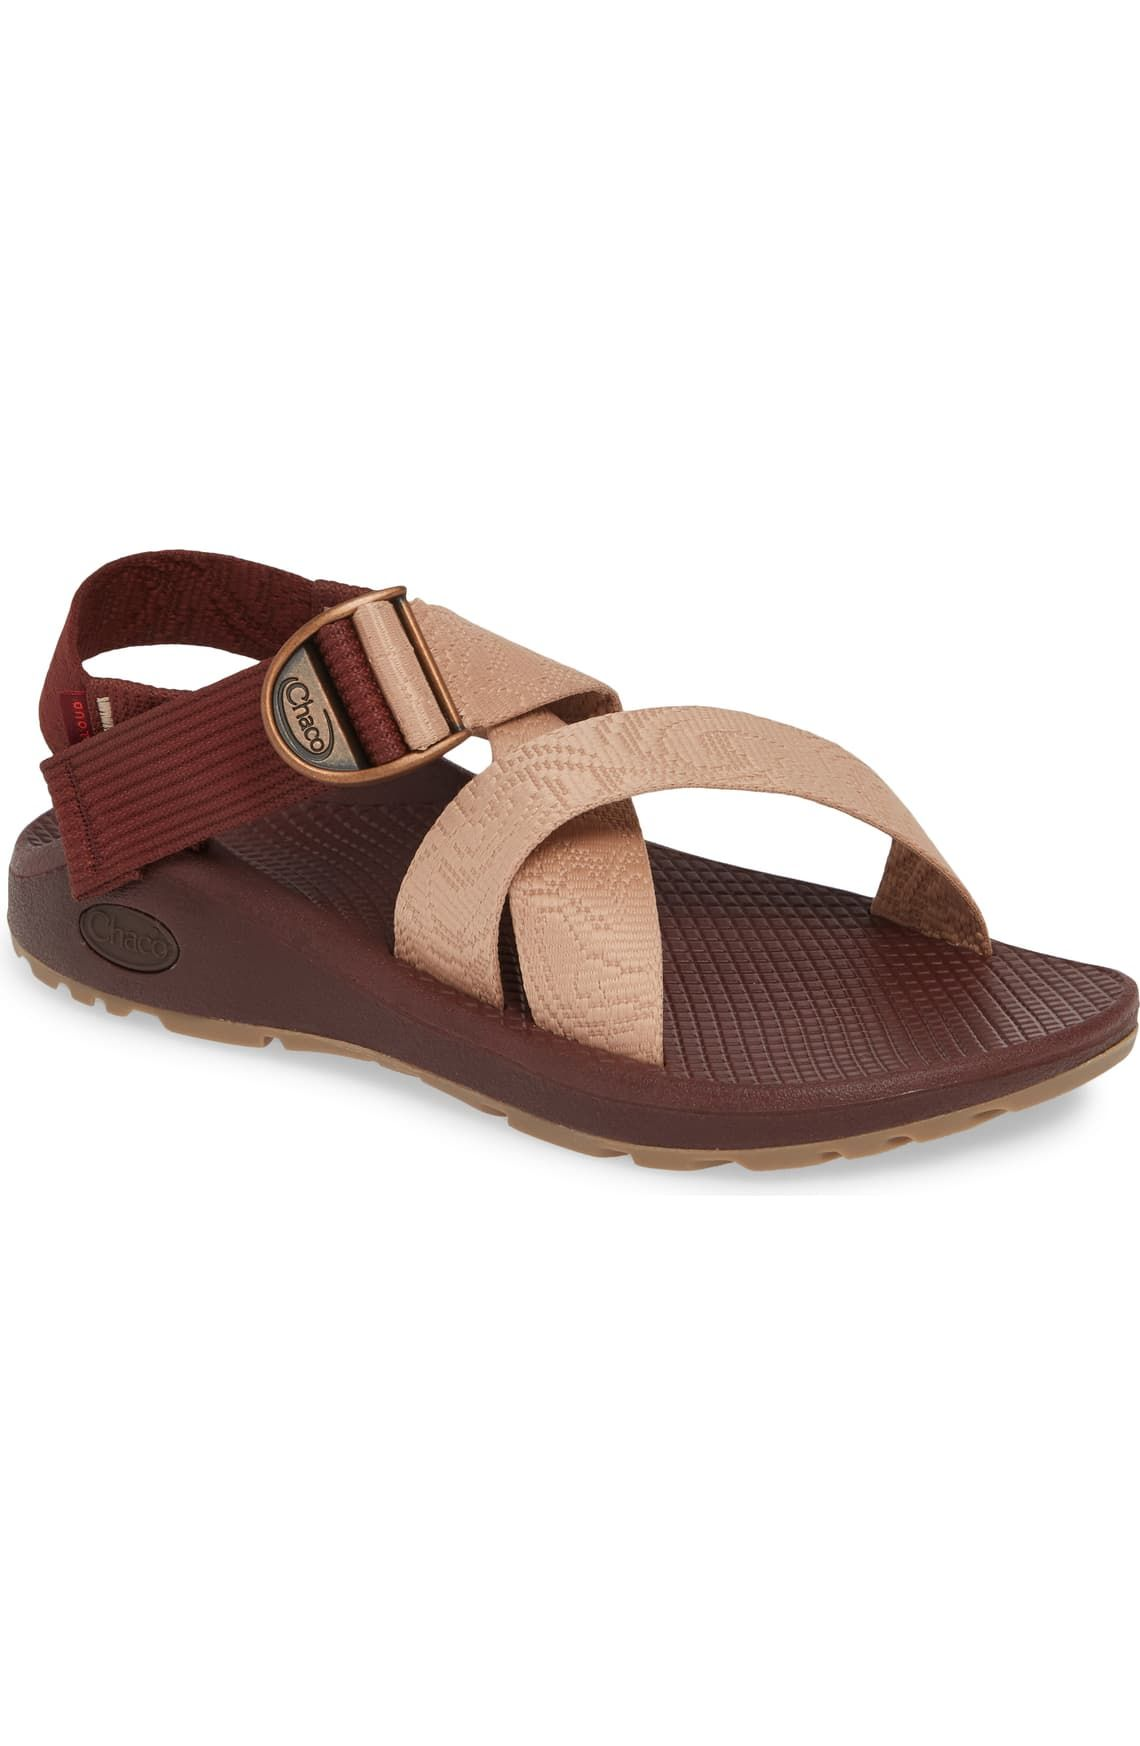 Chaco Mega Z Cloud Sport Sandal Women Nordstrom Womens Sandals Sport Sandals Sandals